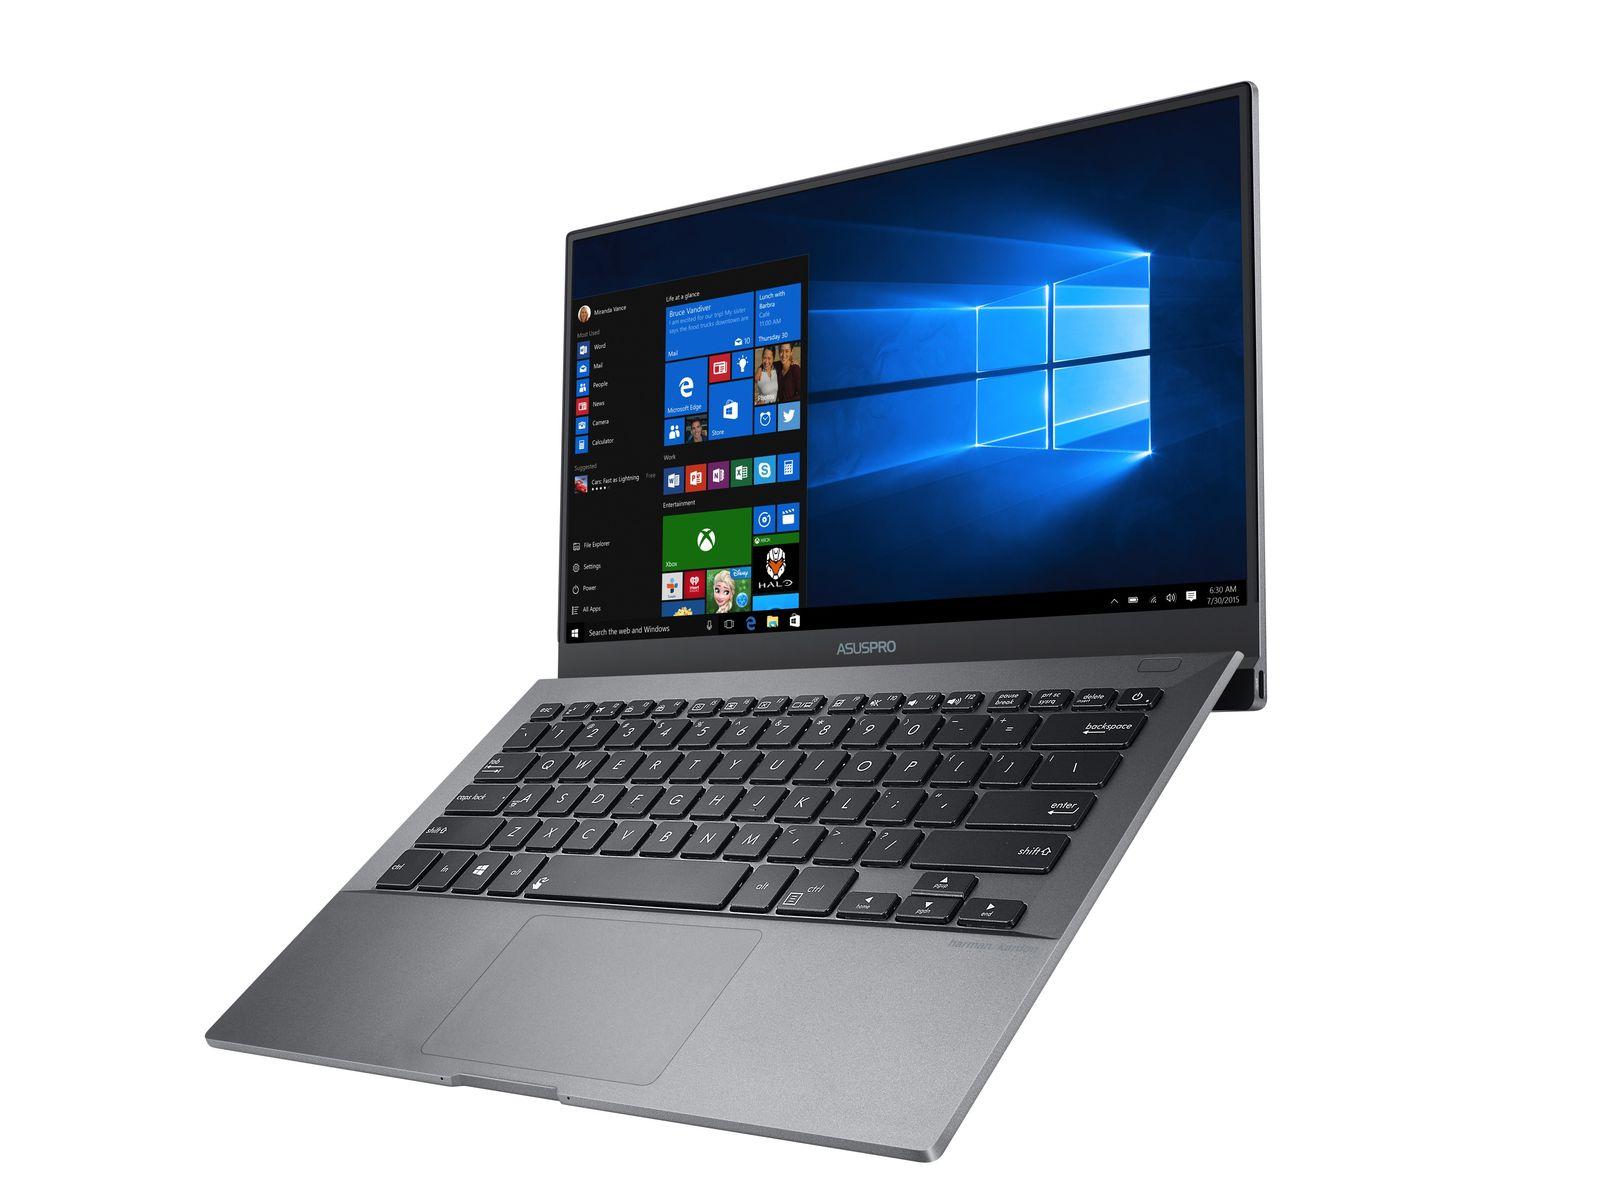 Asus анонсировала самый лёгкий 14-дюймовый ноутбук для путешествий